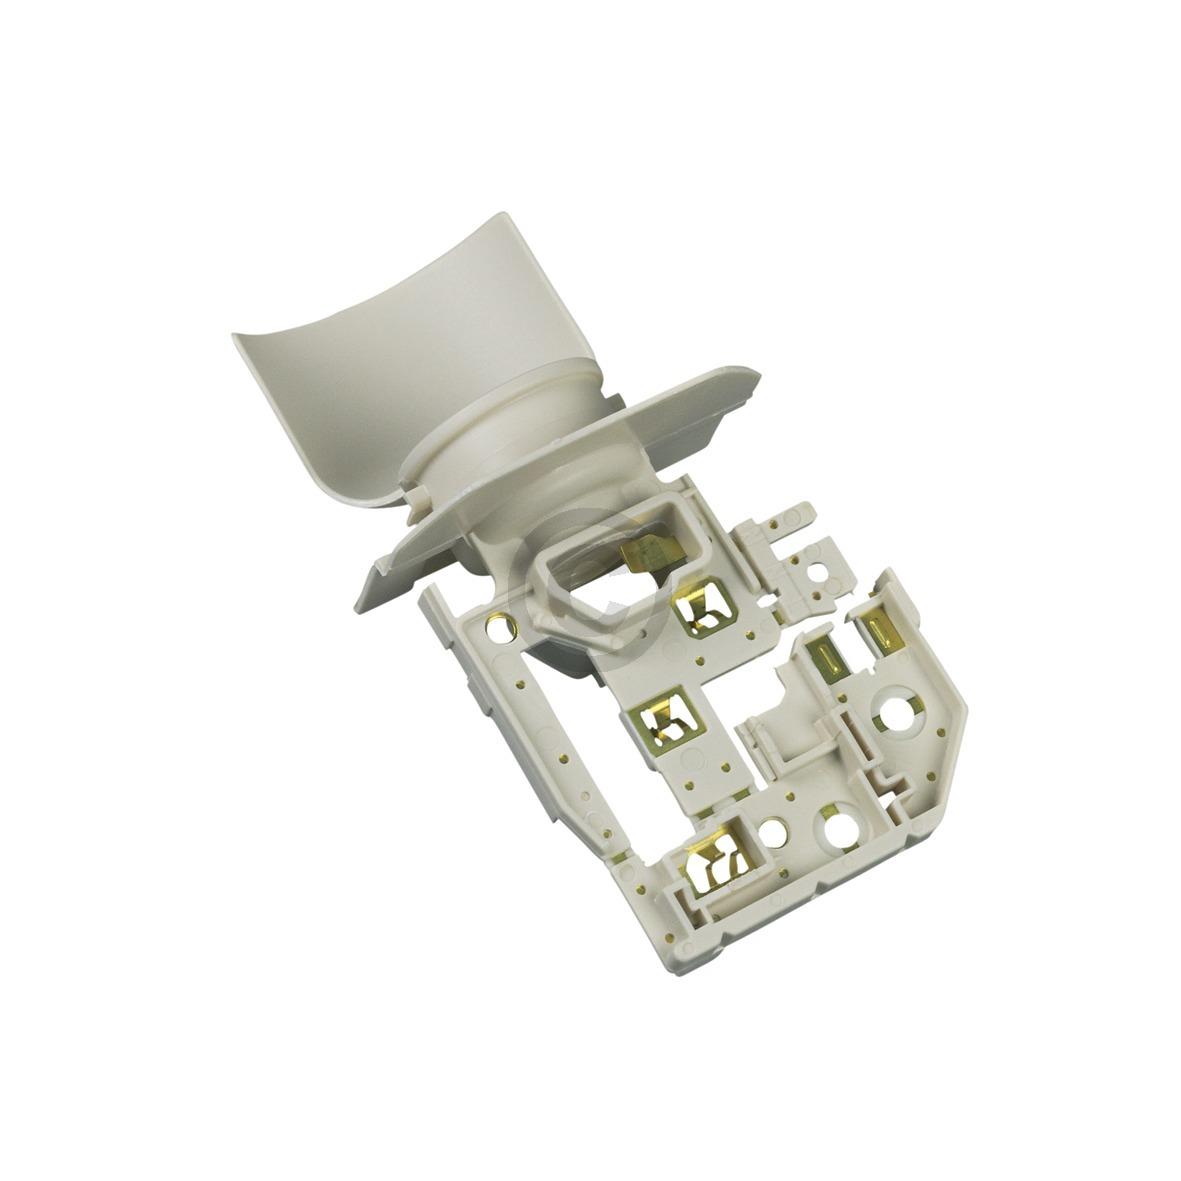 Lampenfassung für E-14-Lampe 481246698982 Bauknecht, Whirlpool, Ikea, Bosch, Sie